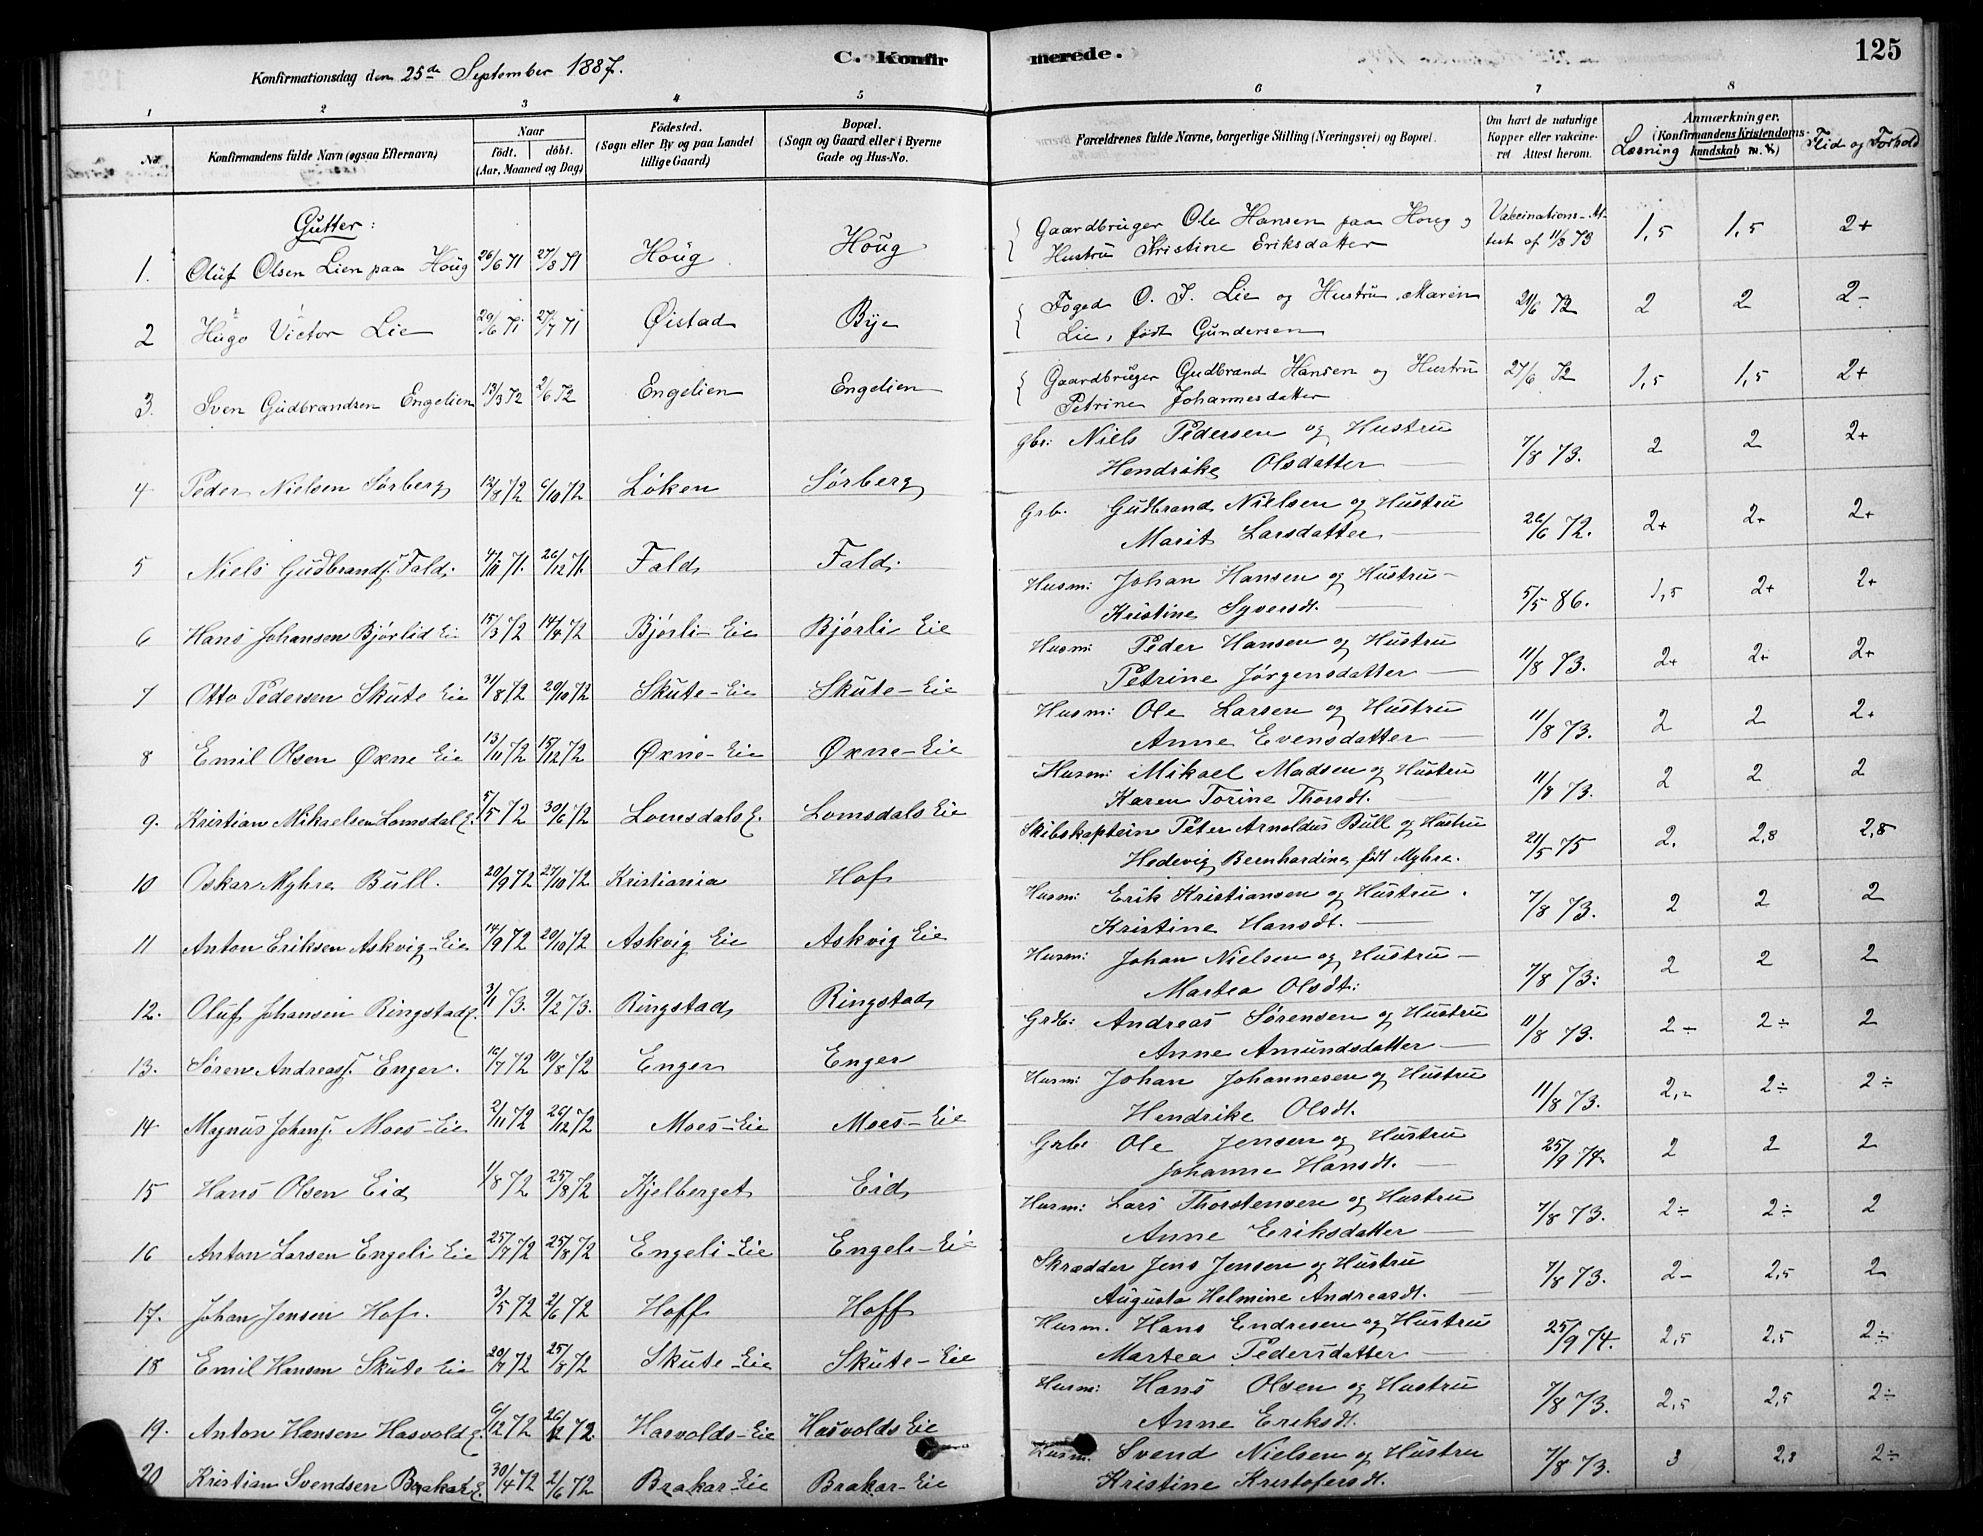 SAH, Søndre Land prestekontor, K/L0003: Ministerialbok nr. 3, 1878-1894, s. 125